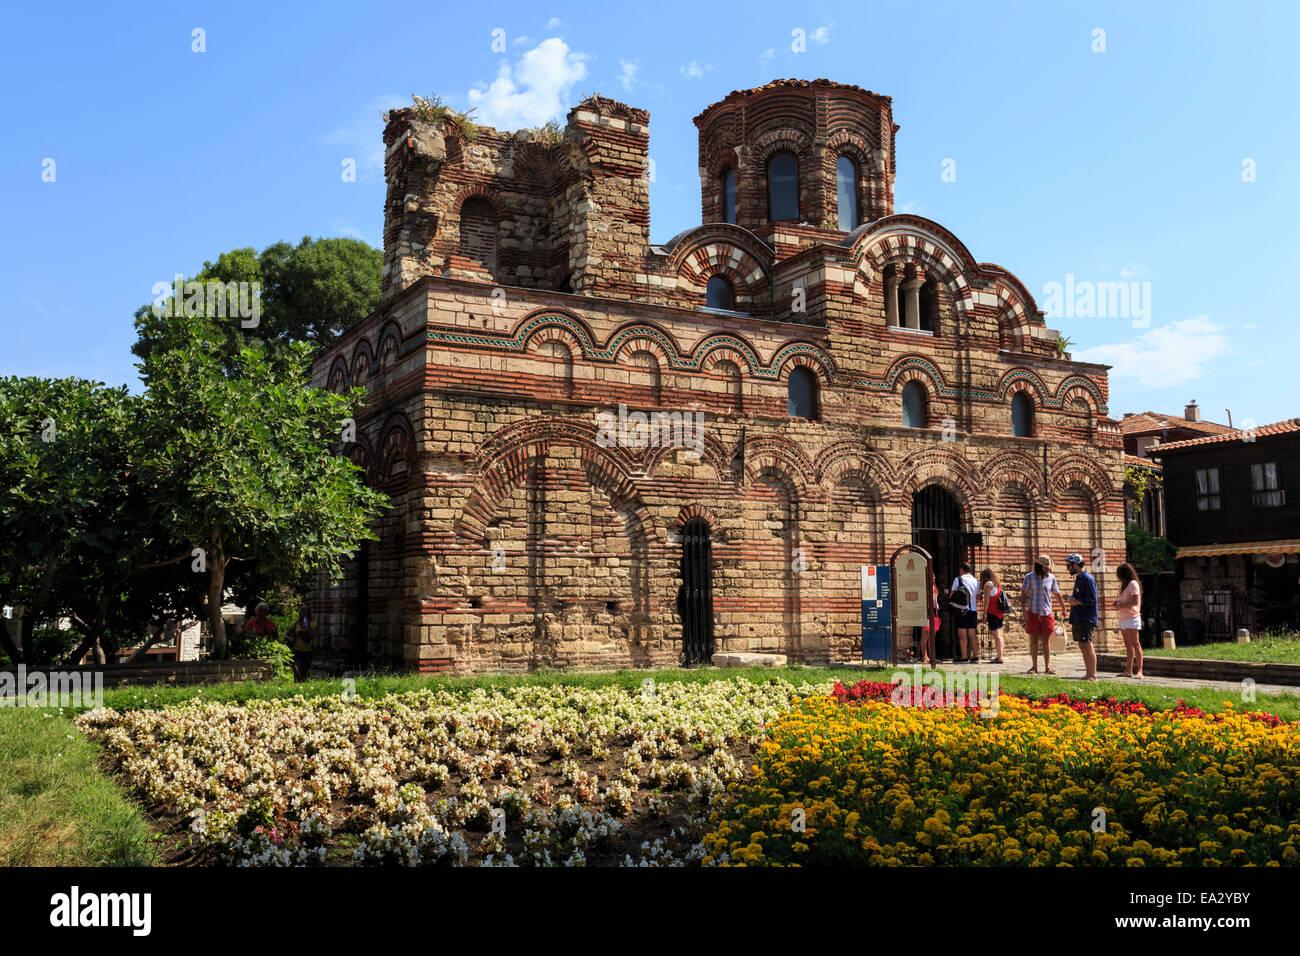 Fiore di confine e visitatori, Chiesa di Cristo Pantocrator Nesebar (Nessebar), sito UNESCO, il litorale del Mar Nero, Bulgaria Foto Stock